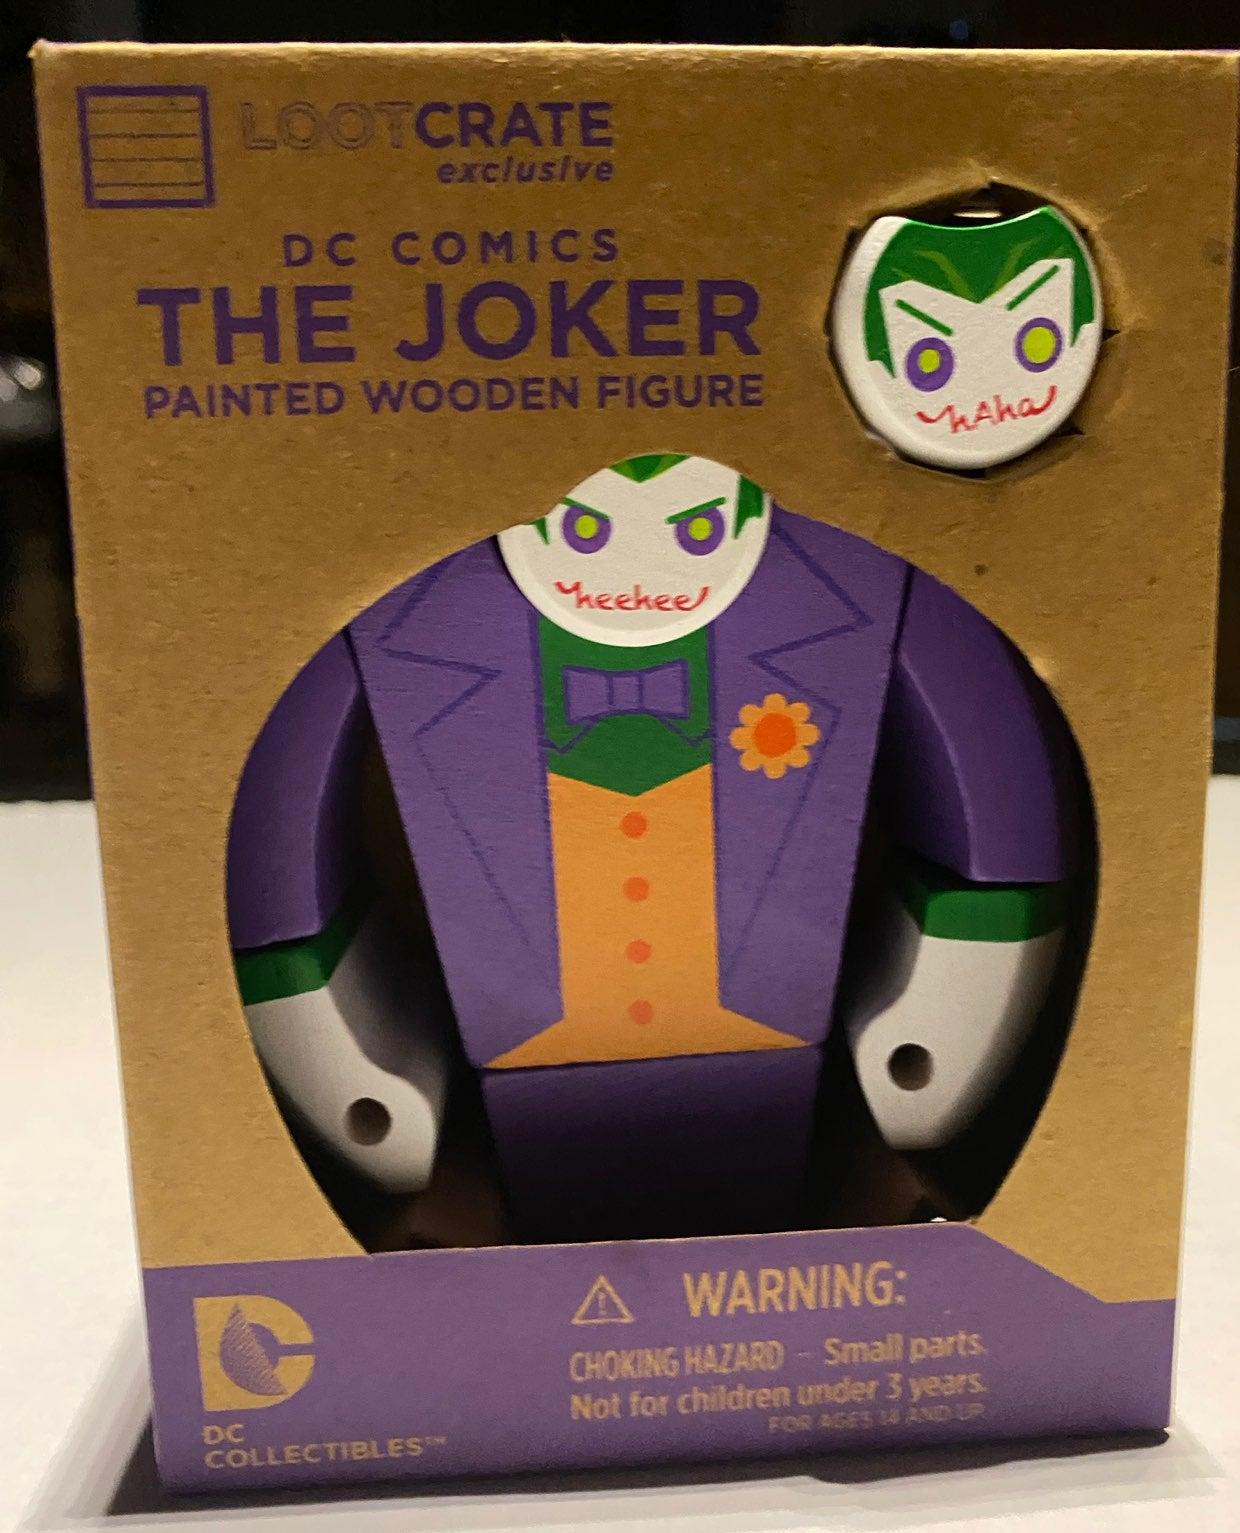 Loot Crate Joker Wooden Figure